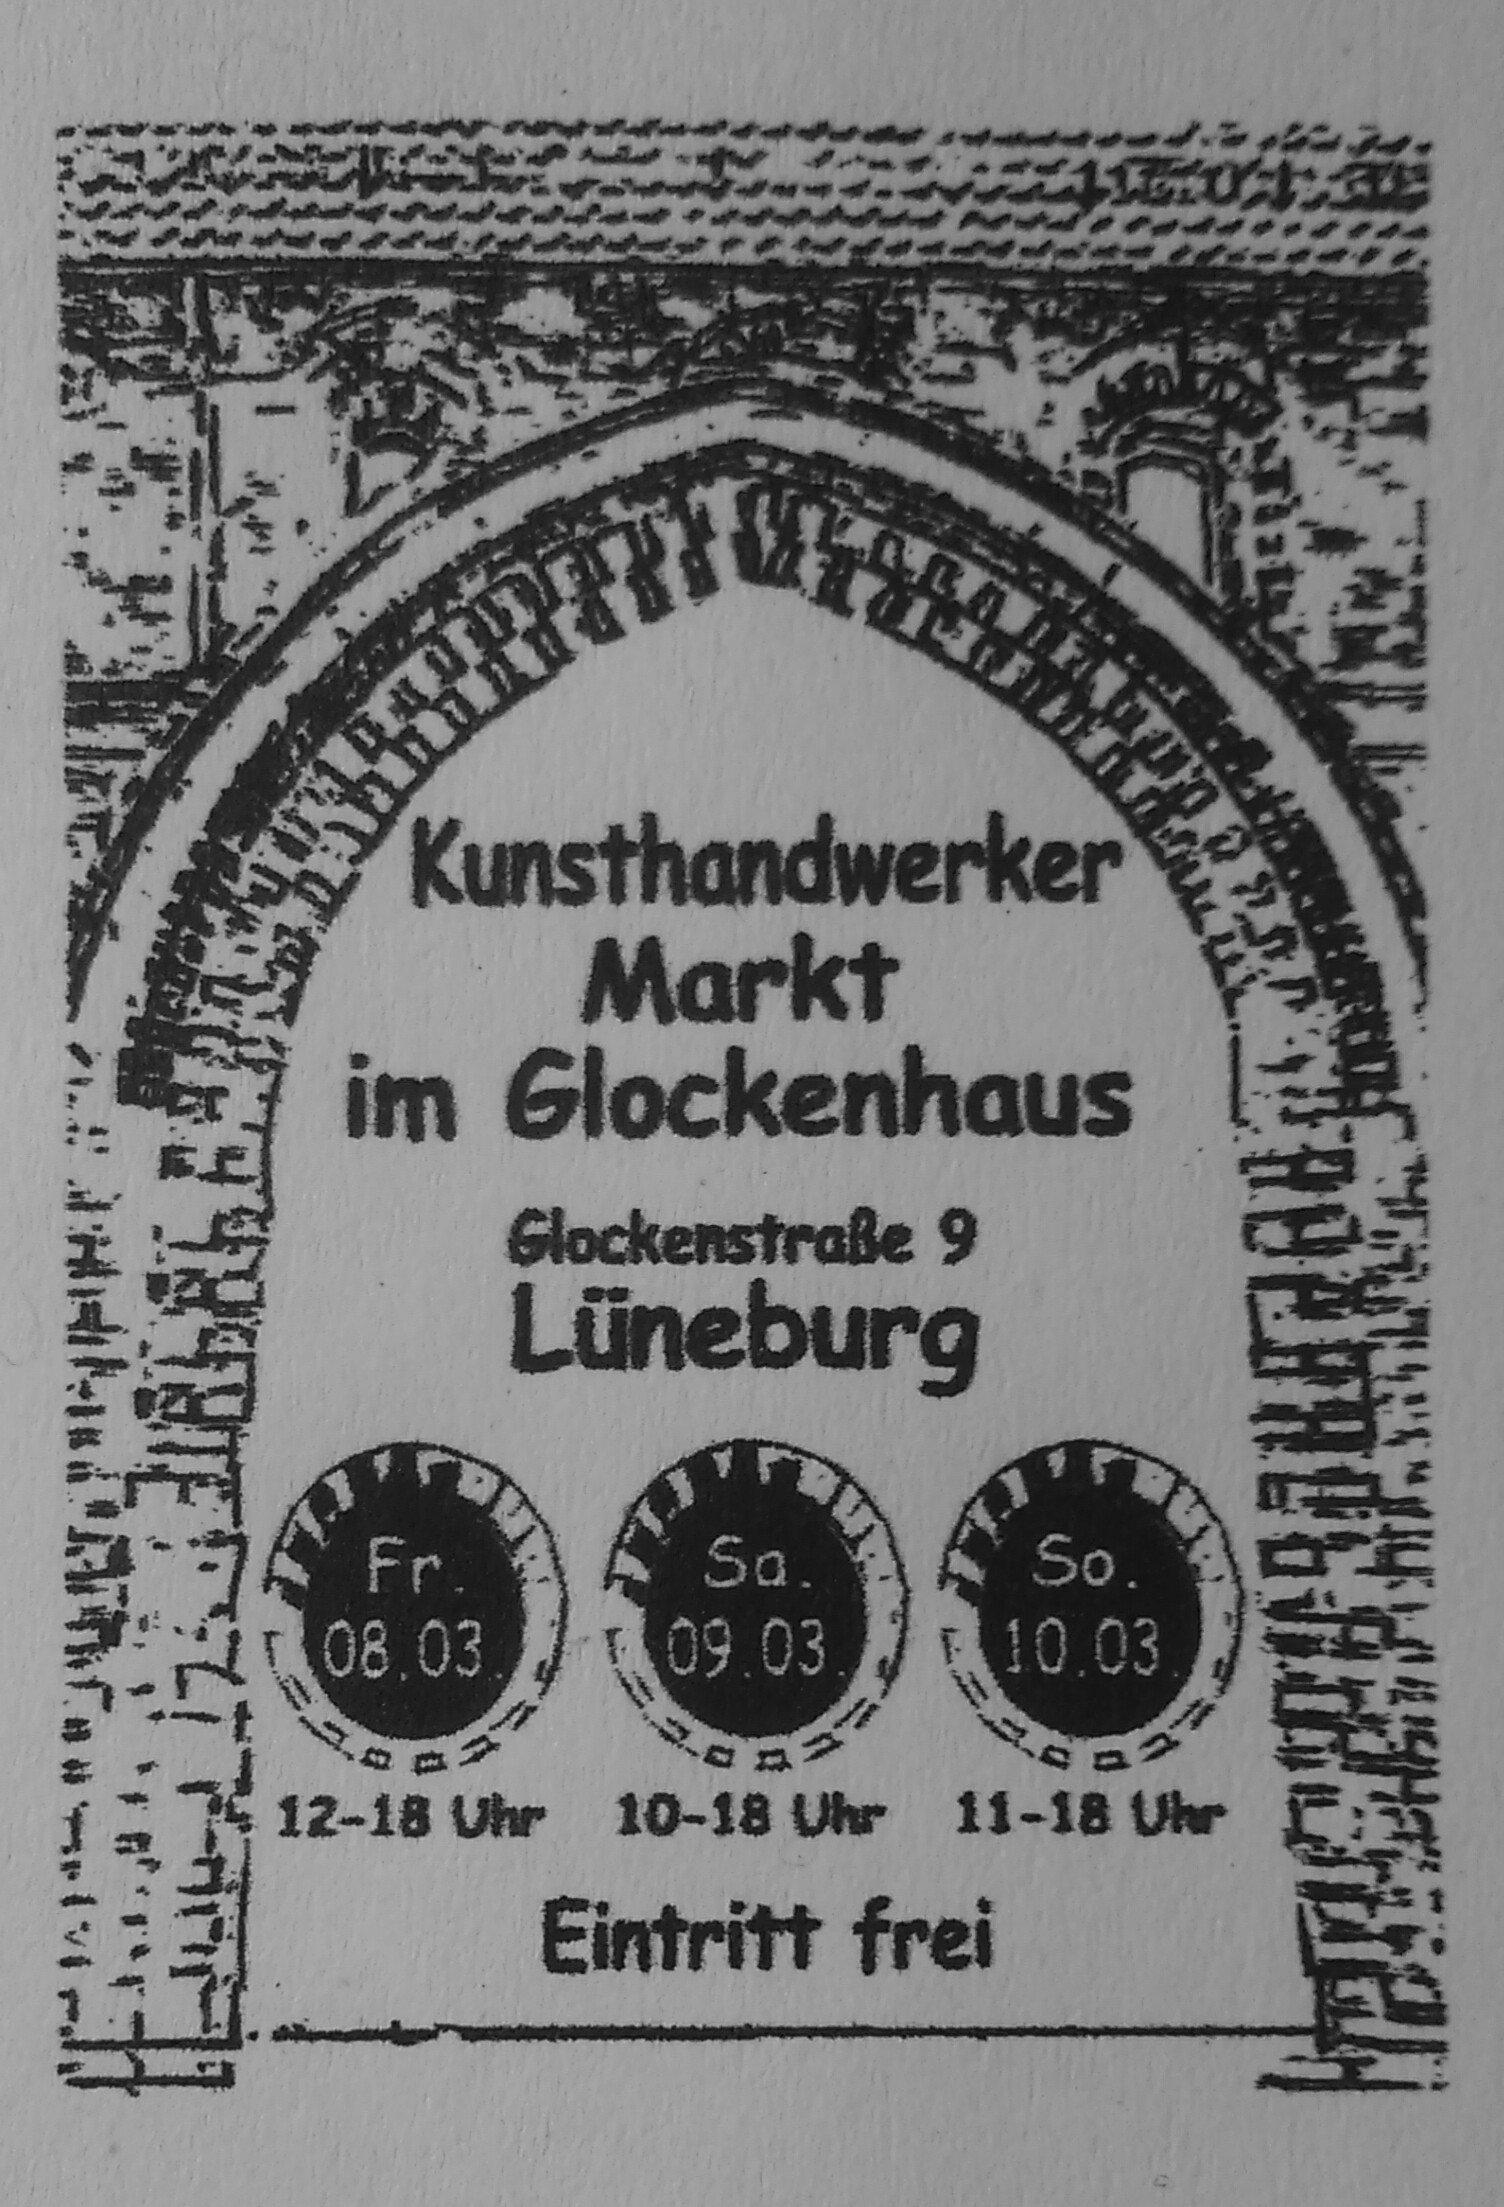 Veranstaltungsplakat  für Lüneburger Kunsthandwerker Markt im Glockenhaus2019